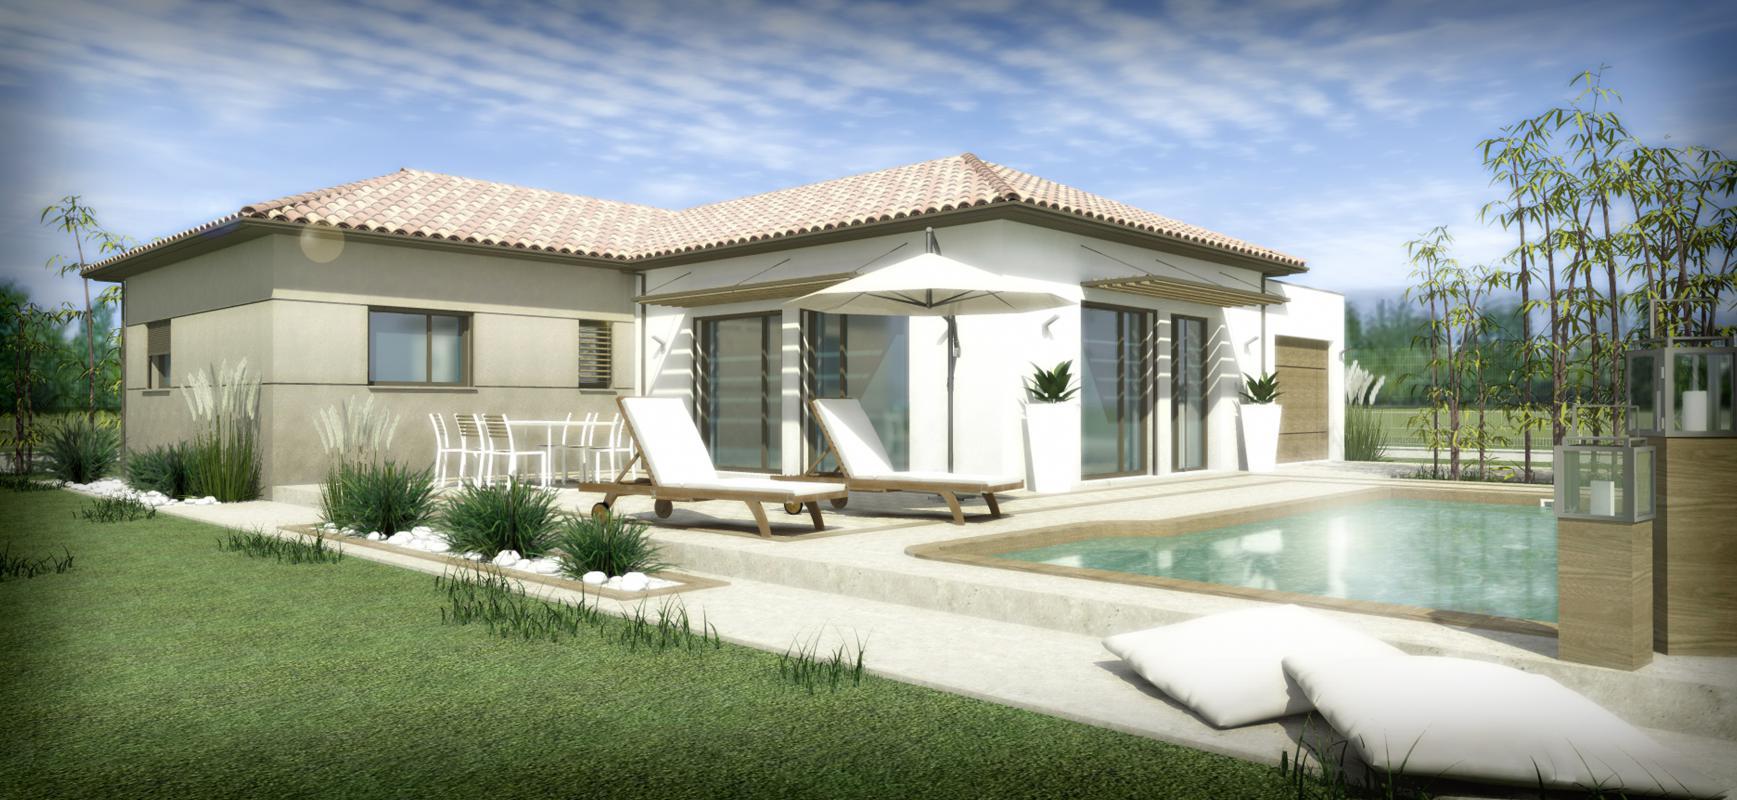 Maisons + Terrains du constructeur SM 11 • 100 m² • NISSAN LEZ ENSERUNE